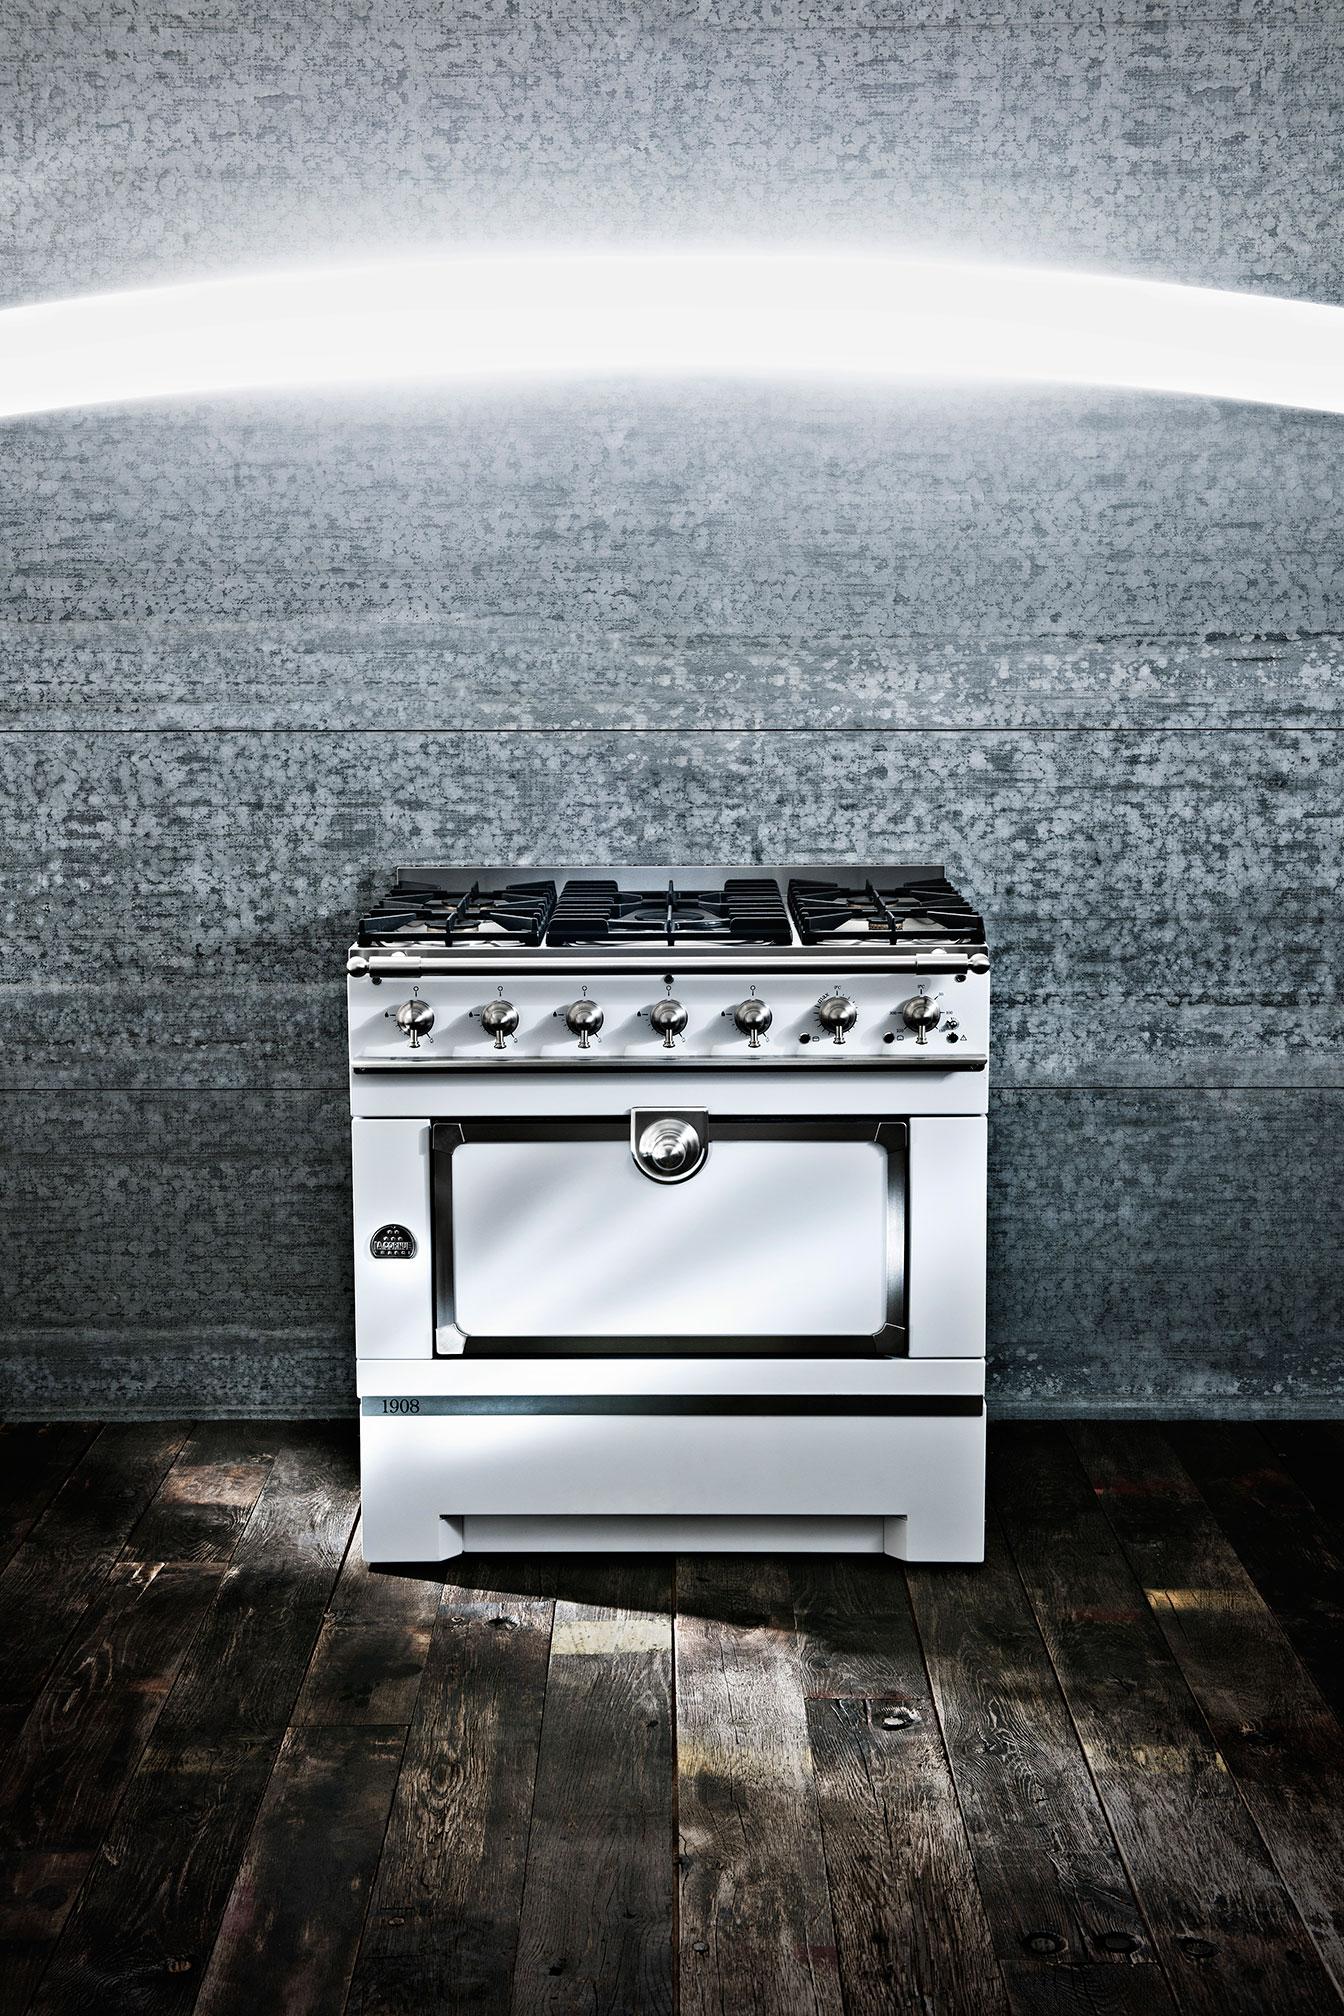 Piani Cottura Arredamento.Arredamento Cucine Mobili E Piani Cottura Brocanelli